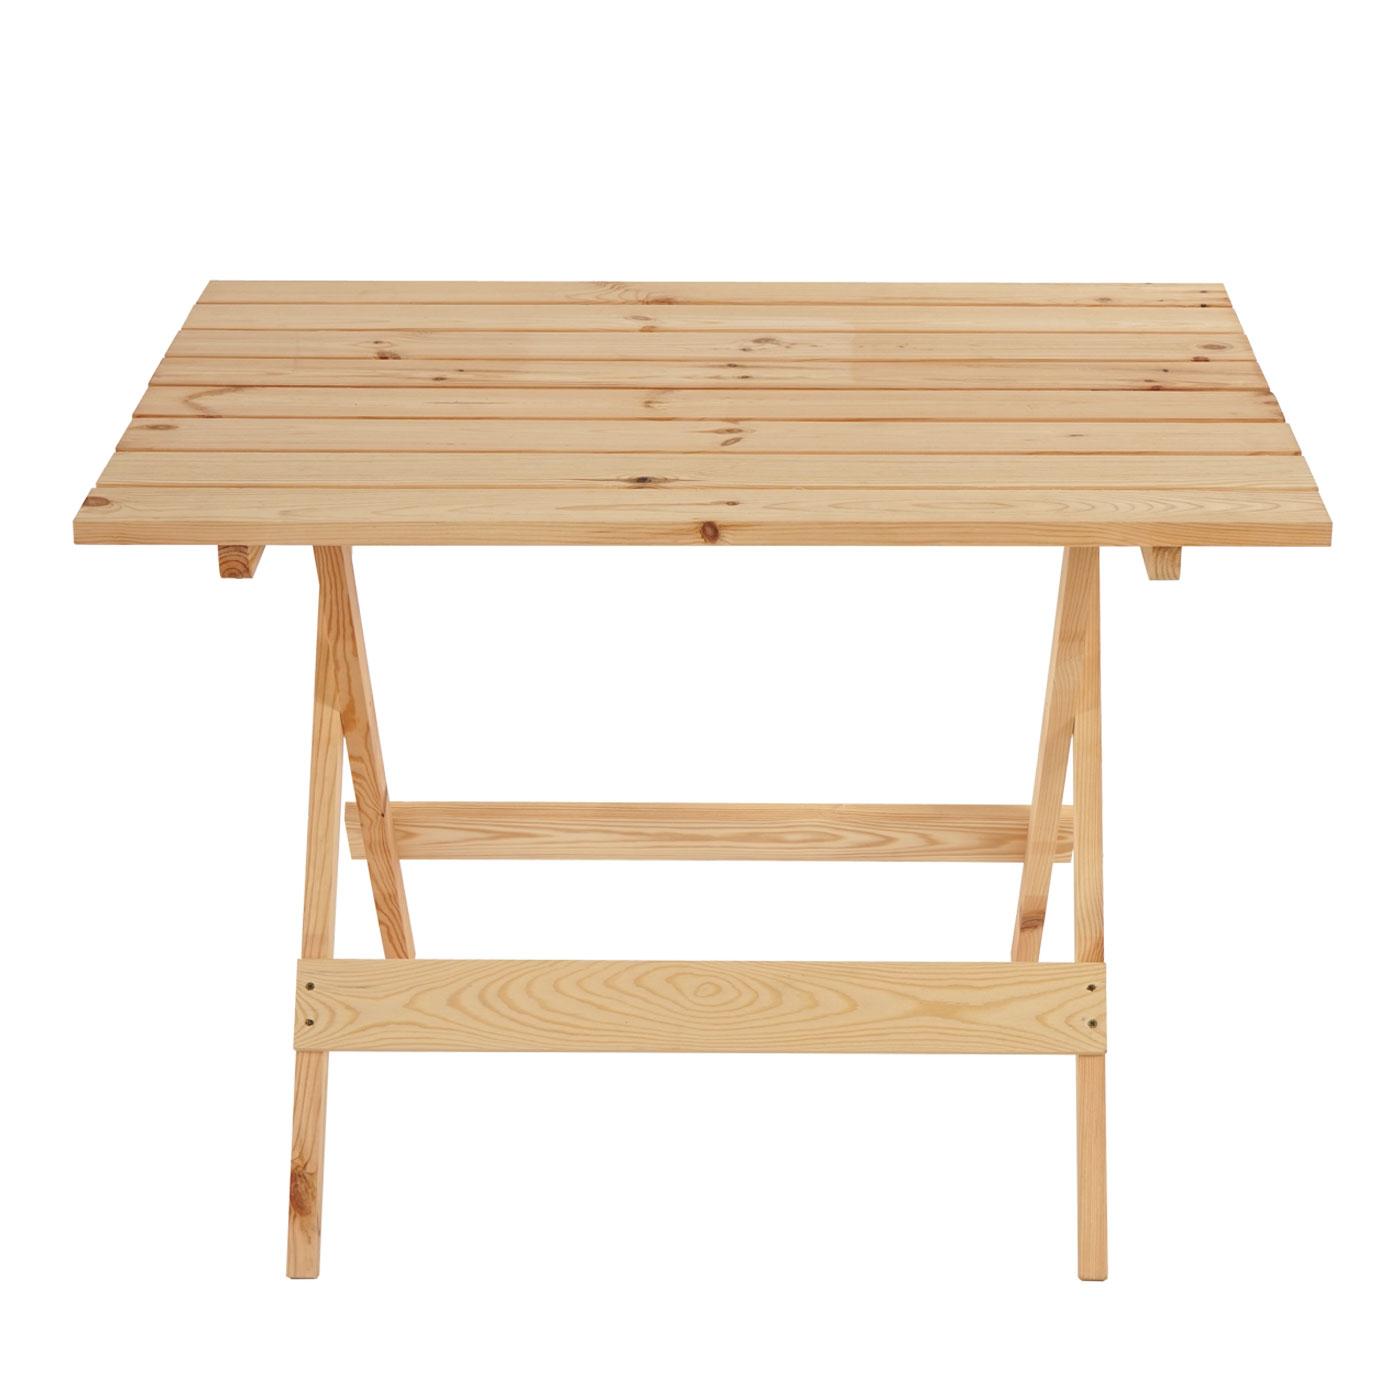 Gartentisch Holz Unbehandelt ~ Holztisch Barcelona, Klapptisch Gartentisch 100x74x71cm, massiv natur